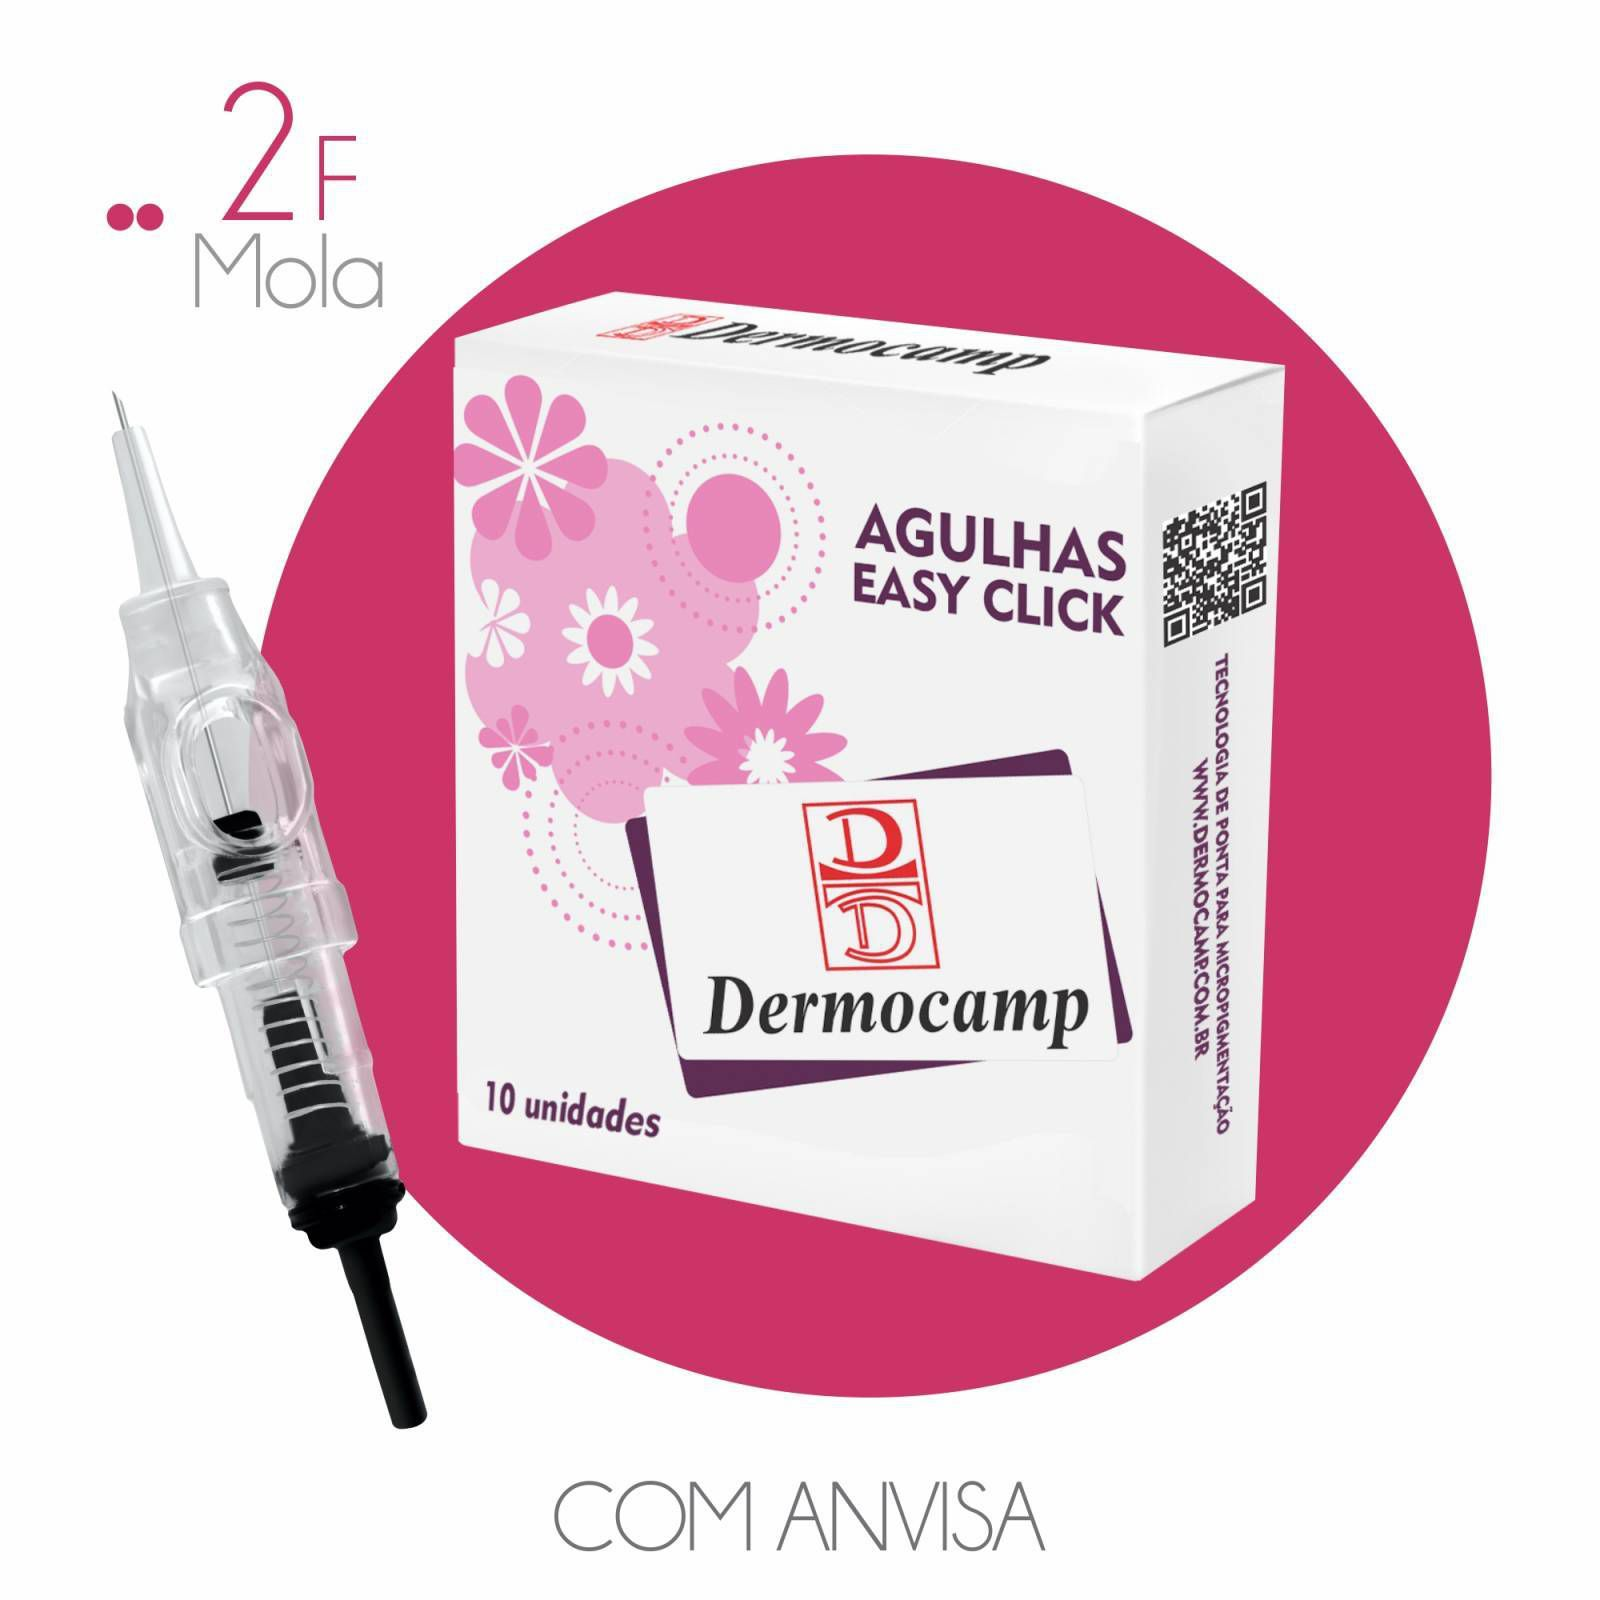 AGULHA EASY CLICK DERMOCAMP DE 2 PONTAS - MOLA   - Misstética